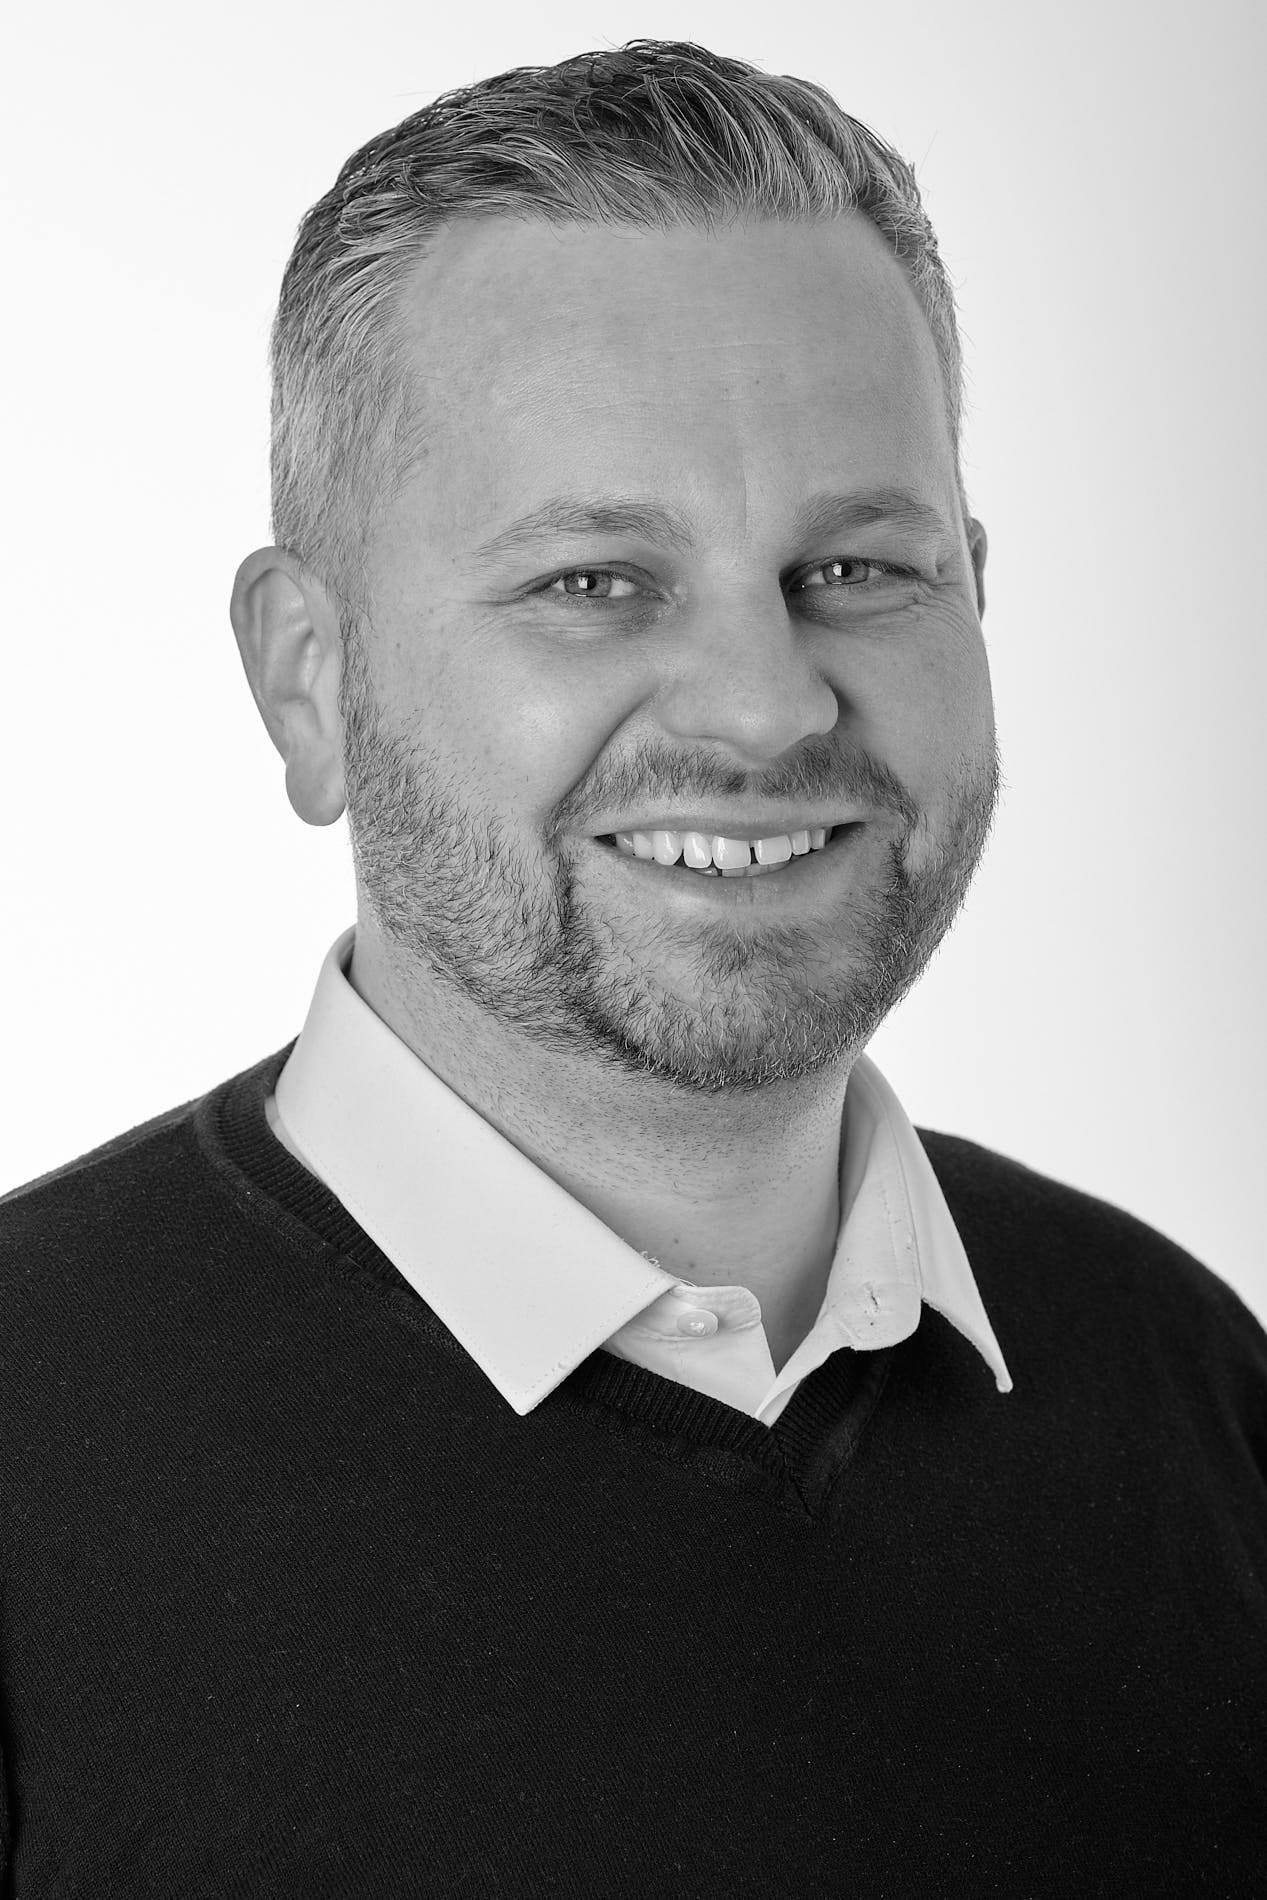 Björn Friðrik Einisson